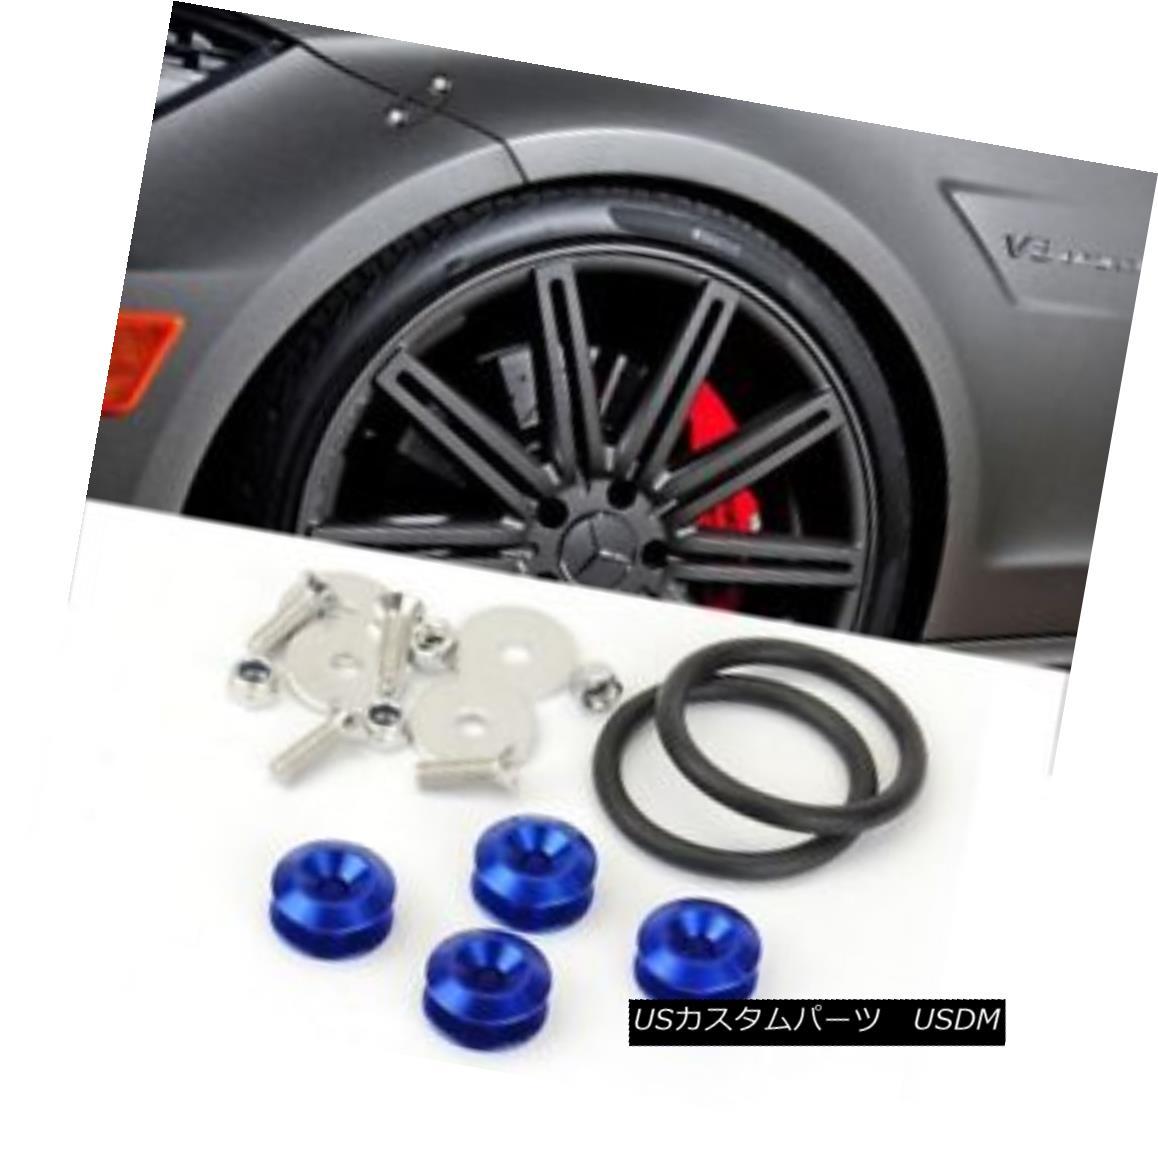 エアロパーツ Euro Korean Blue Bolt on Quick Release Secure Kit For Front Rear Bumper Lip フロントリヤバンパーリップ用クイックリリースセキュアキットのユーロ韓国ブルーボルト